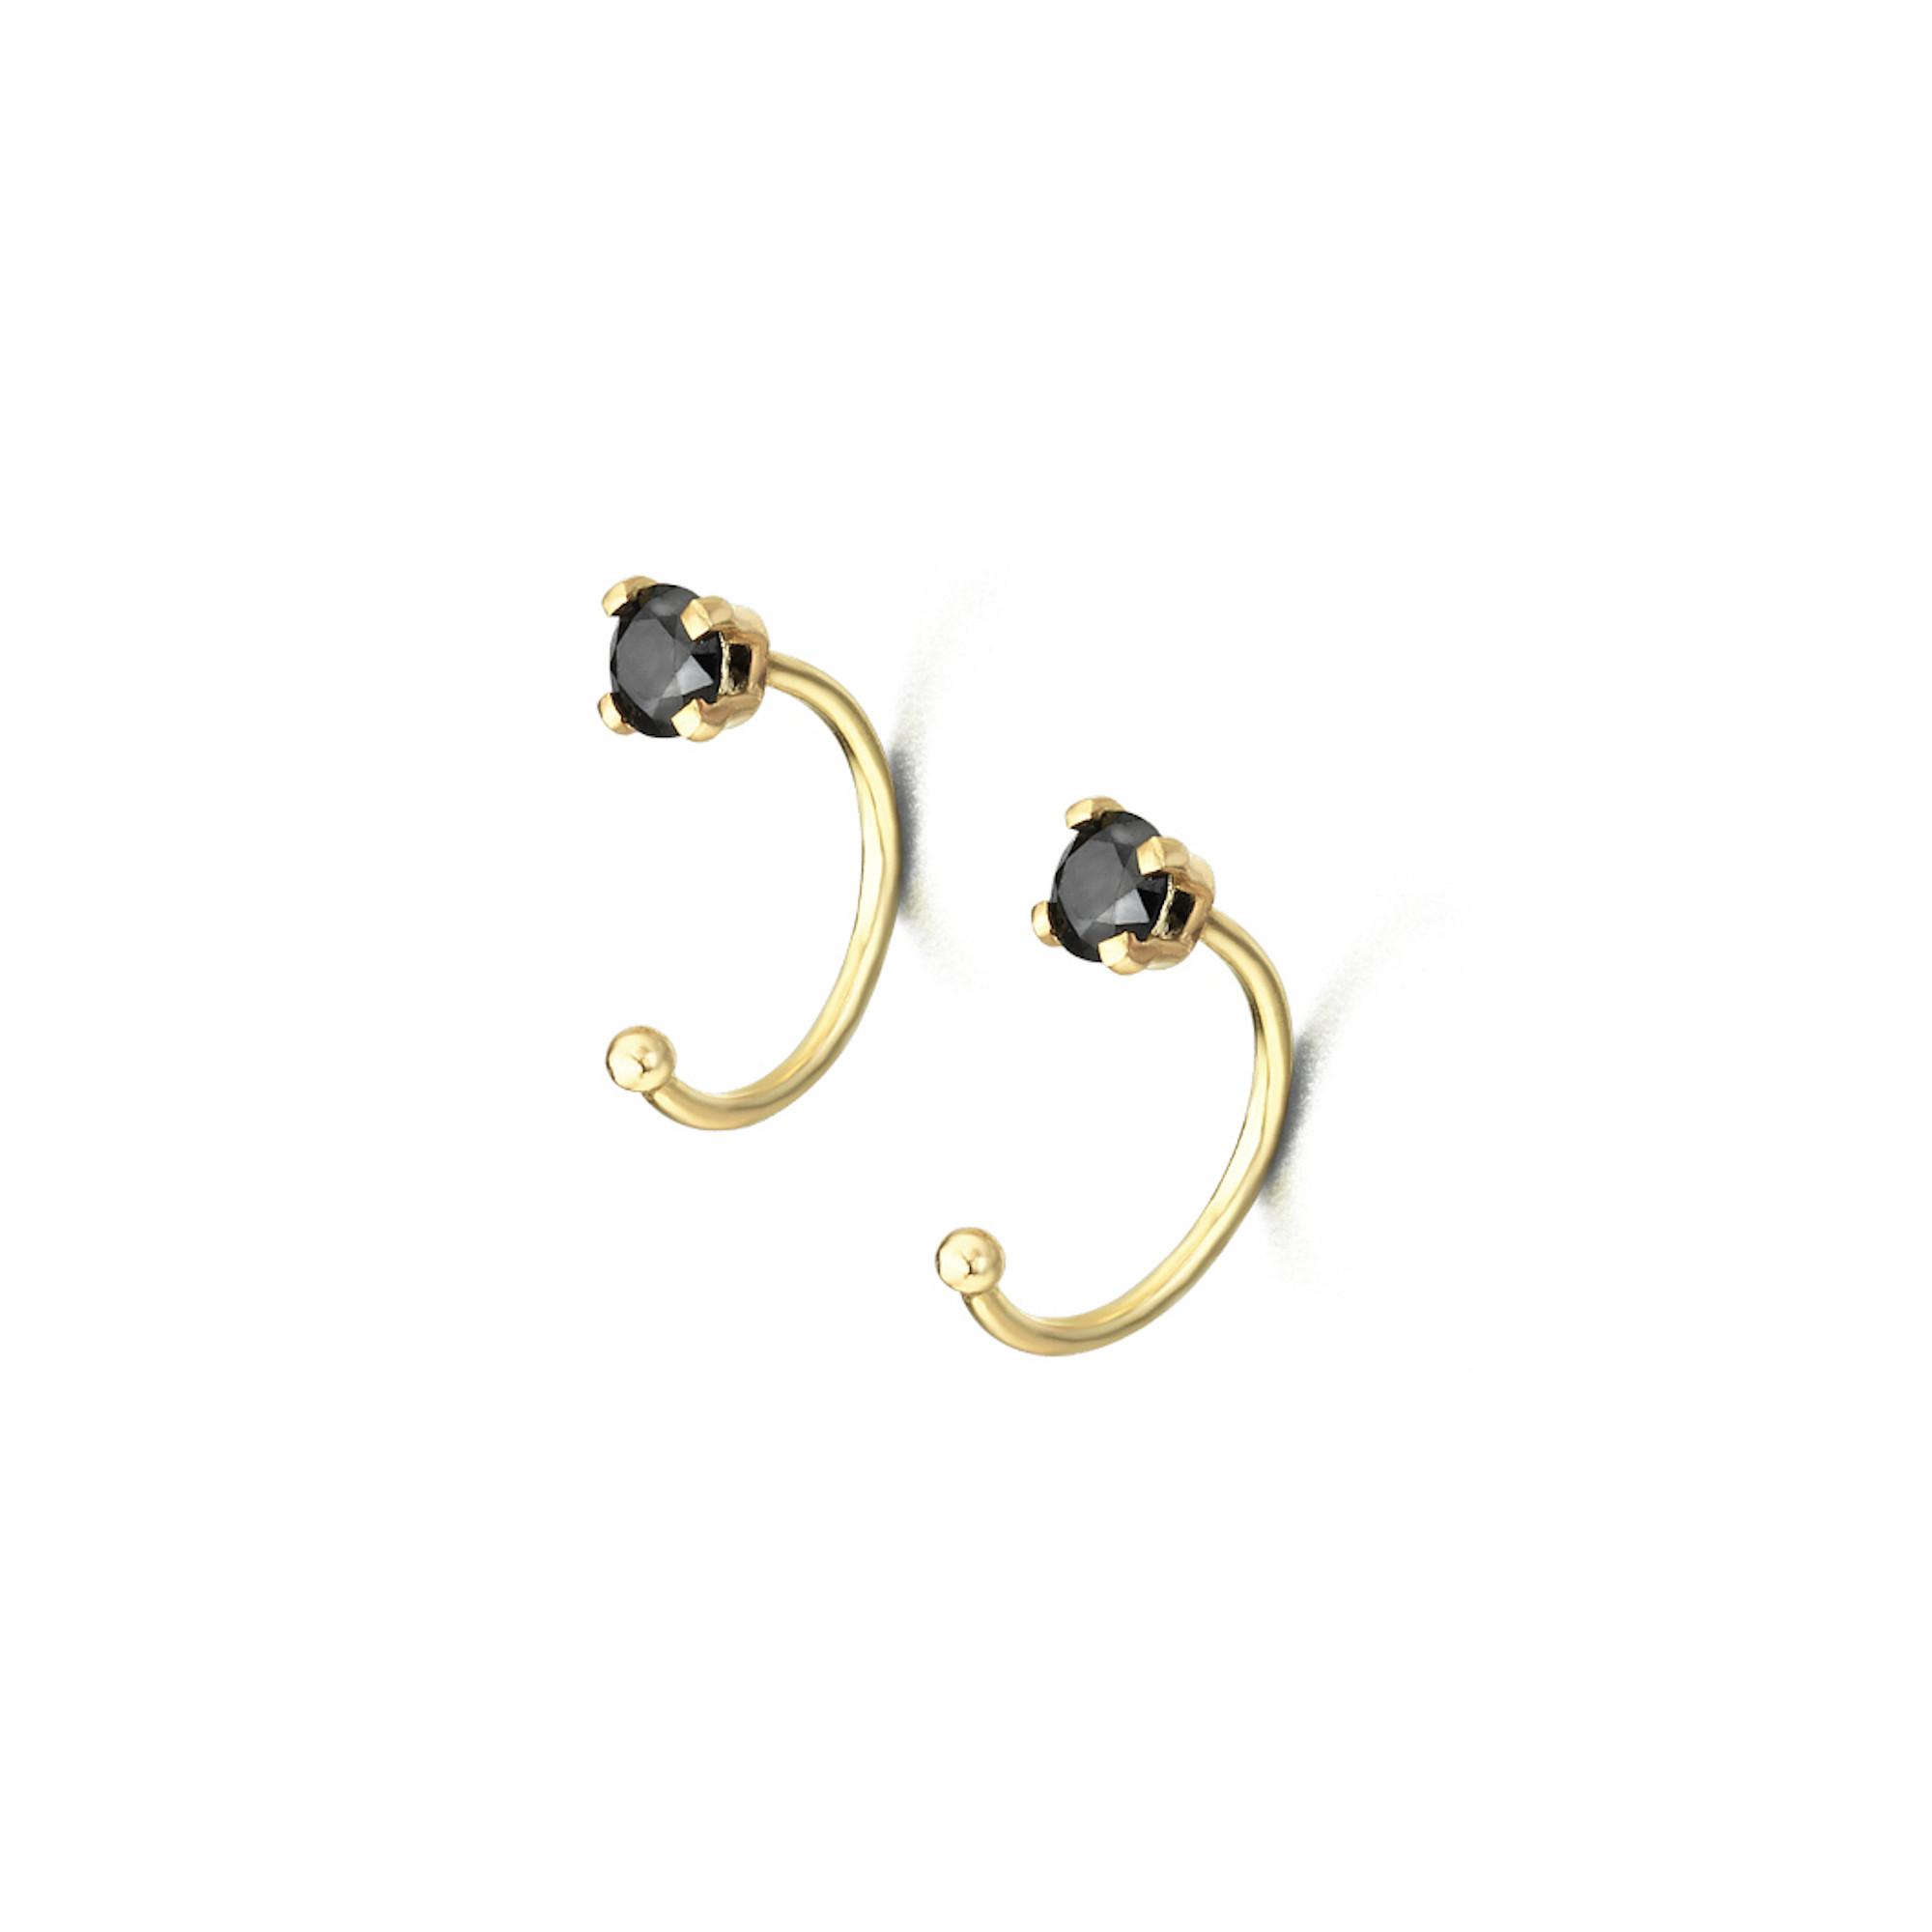 GB019NE orecchini oro giallo spinelli neri black gold earrings discount sconto